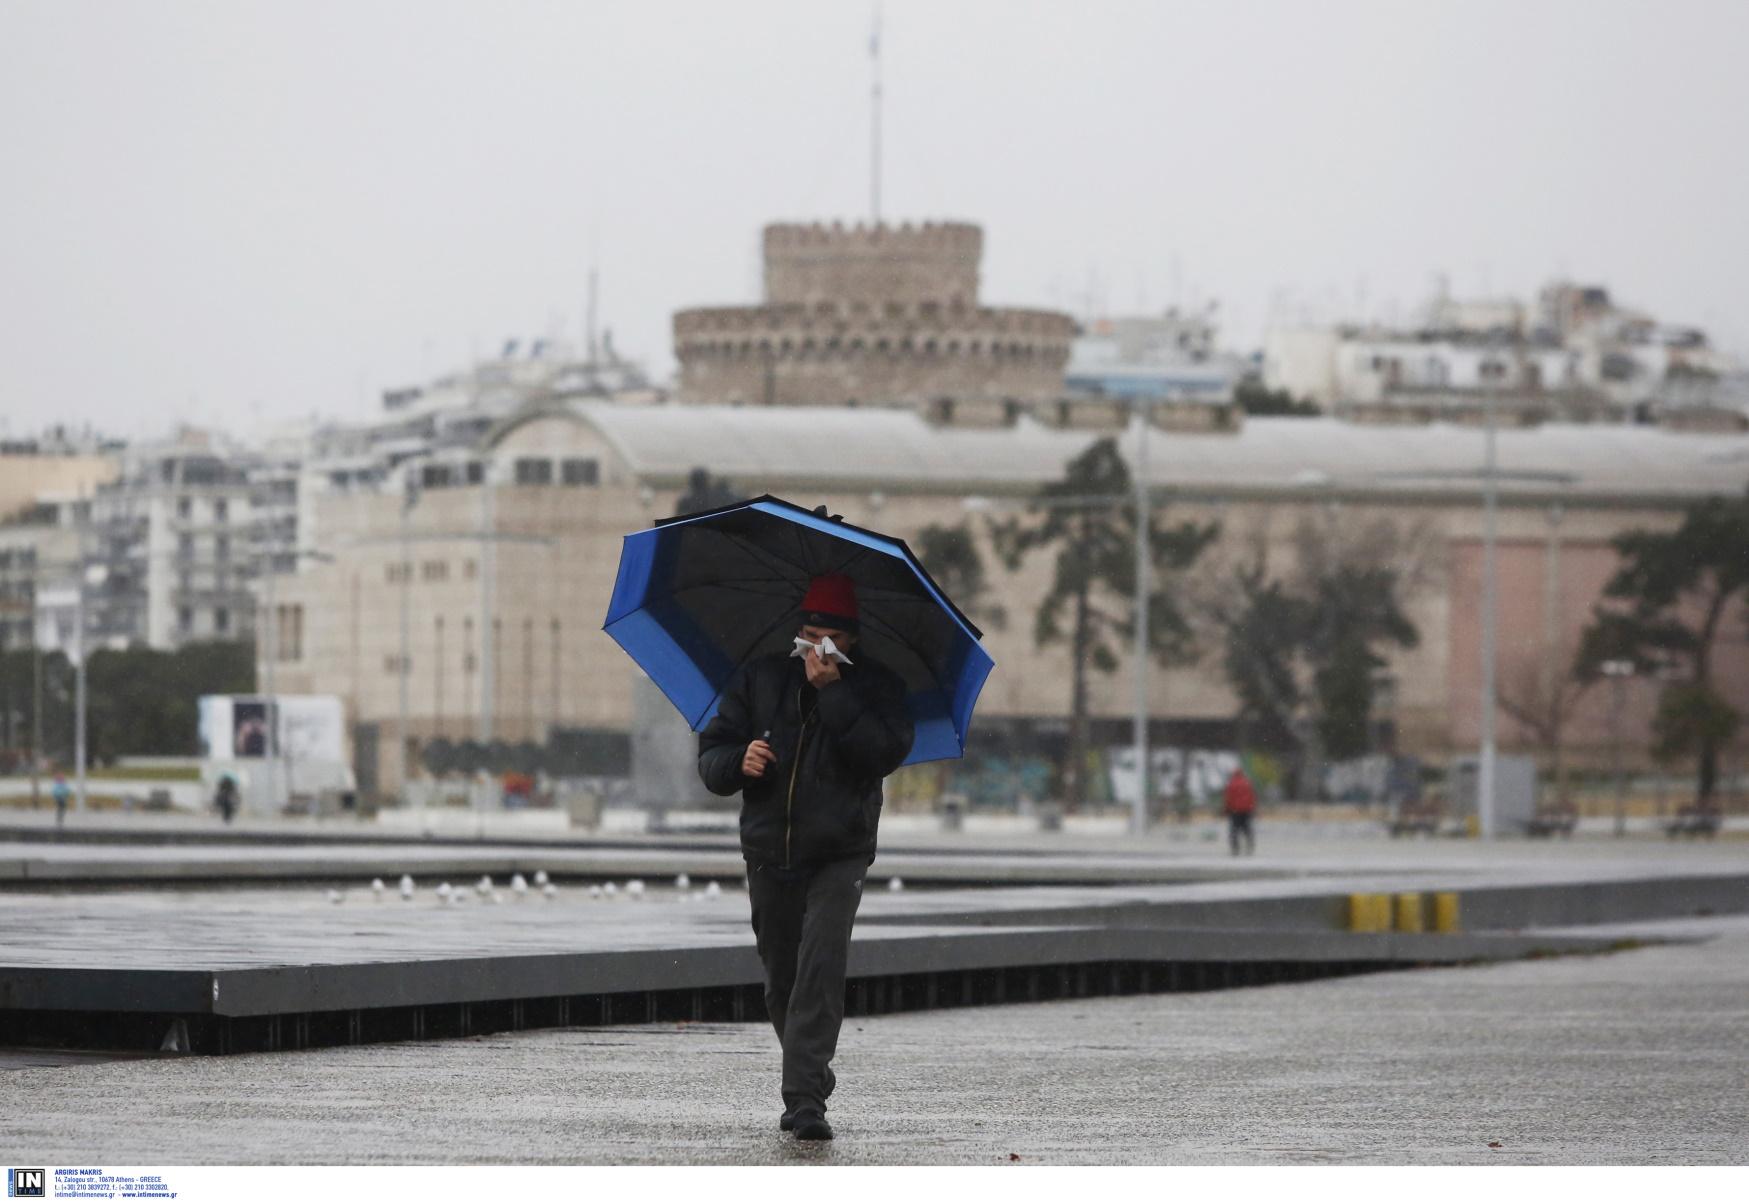 Καιρός αύριο: Έρχονται βροχές, καταιγίδες και ισχυροί άνεμοι – Πού θα χιονίσει